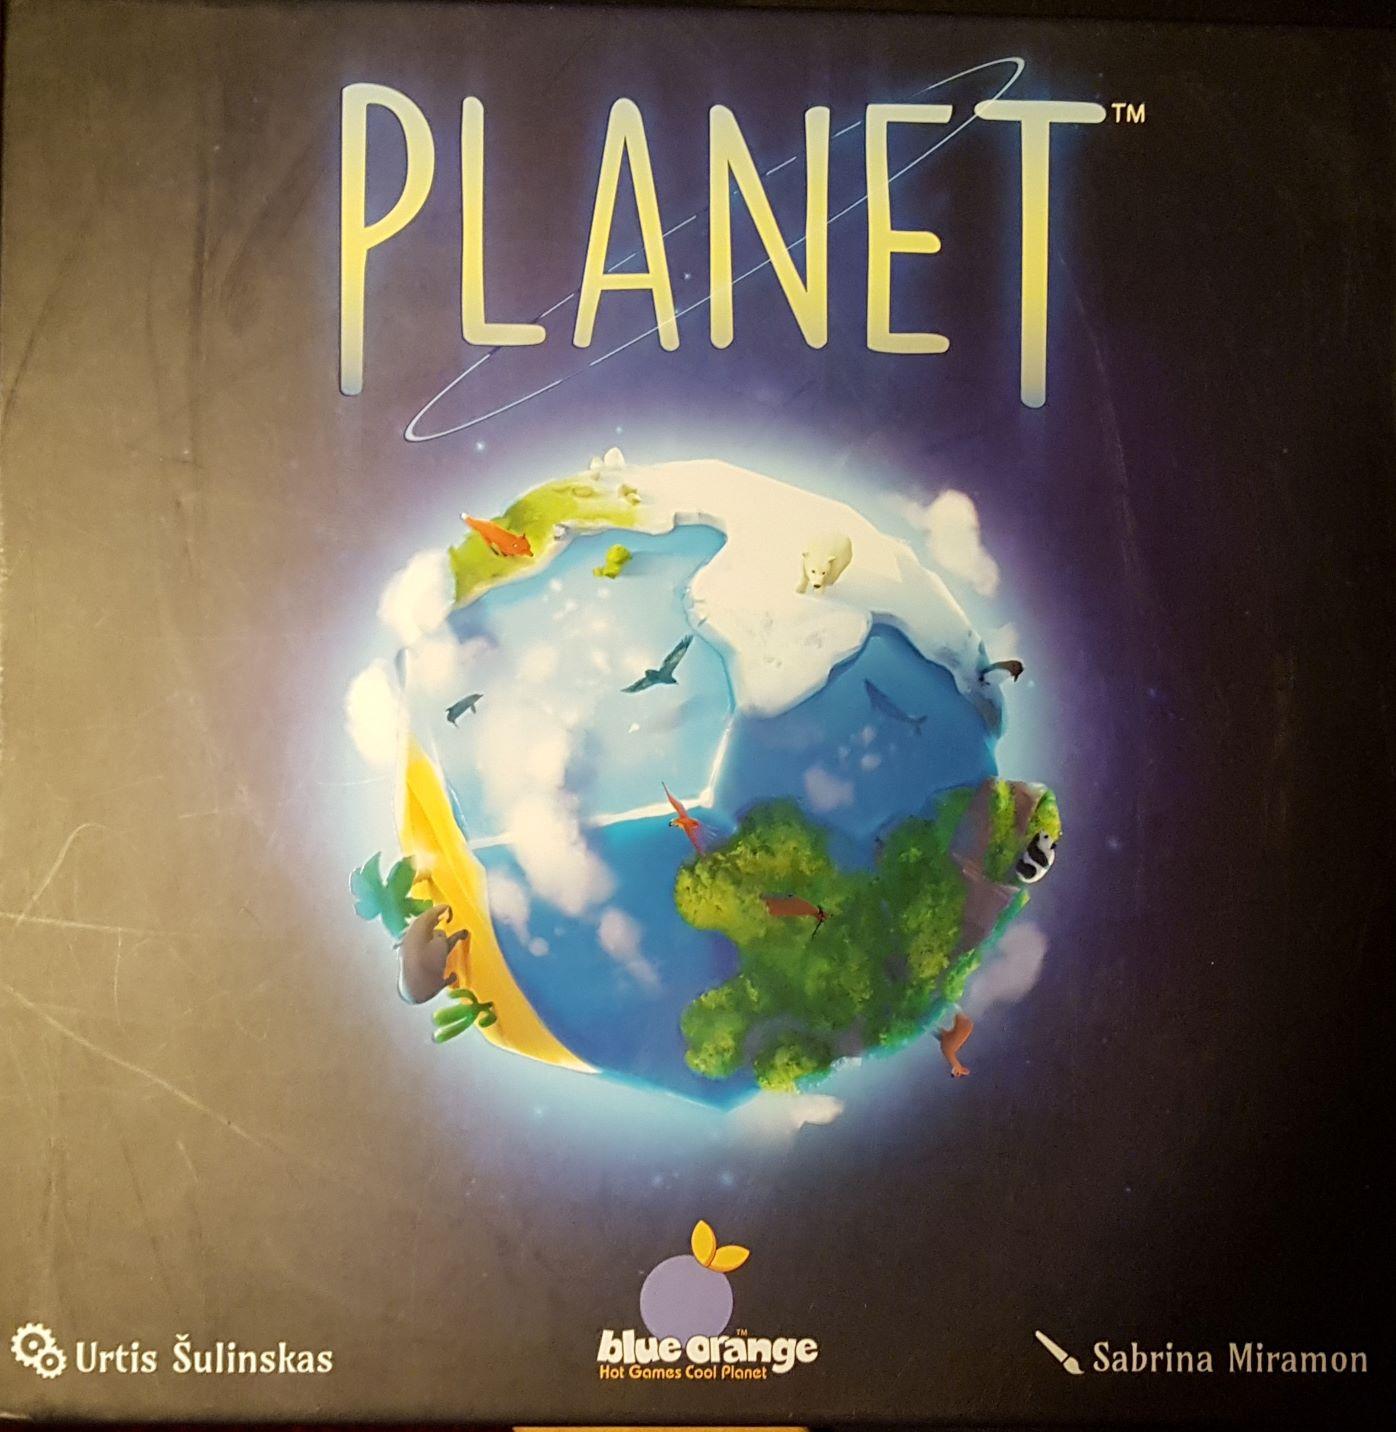 Librairie la librai'bulles jeux Planèt